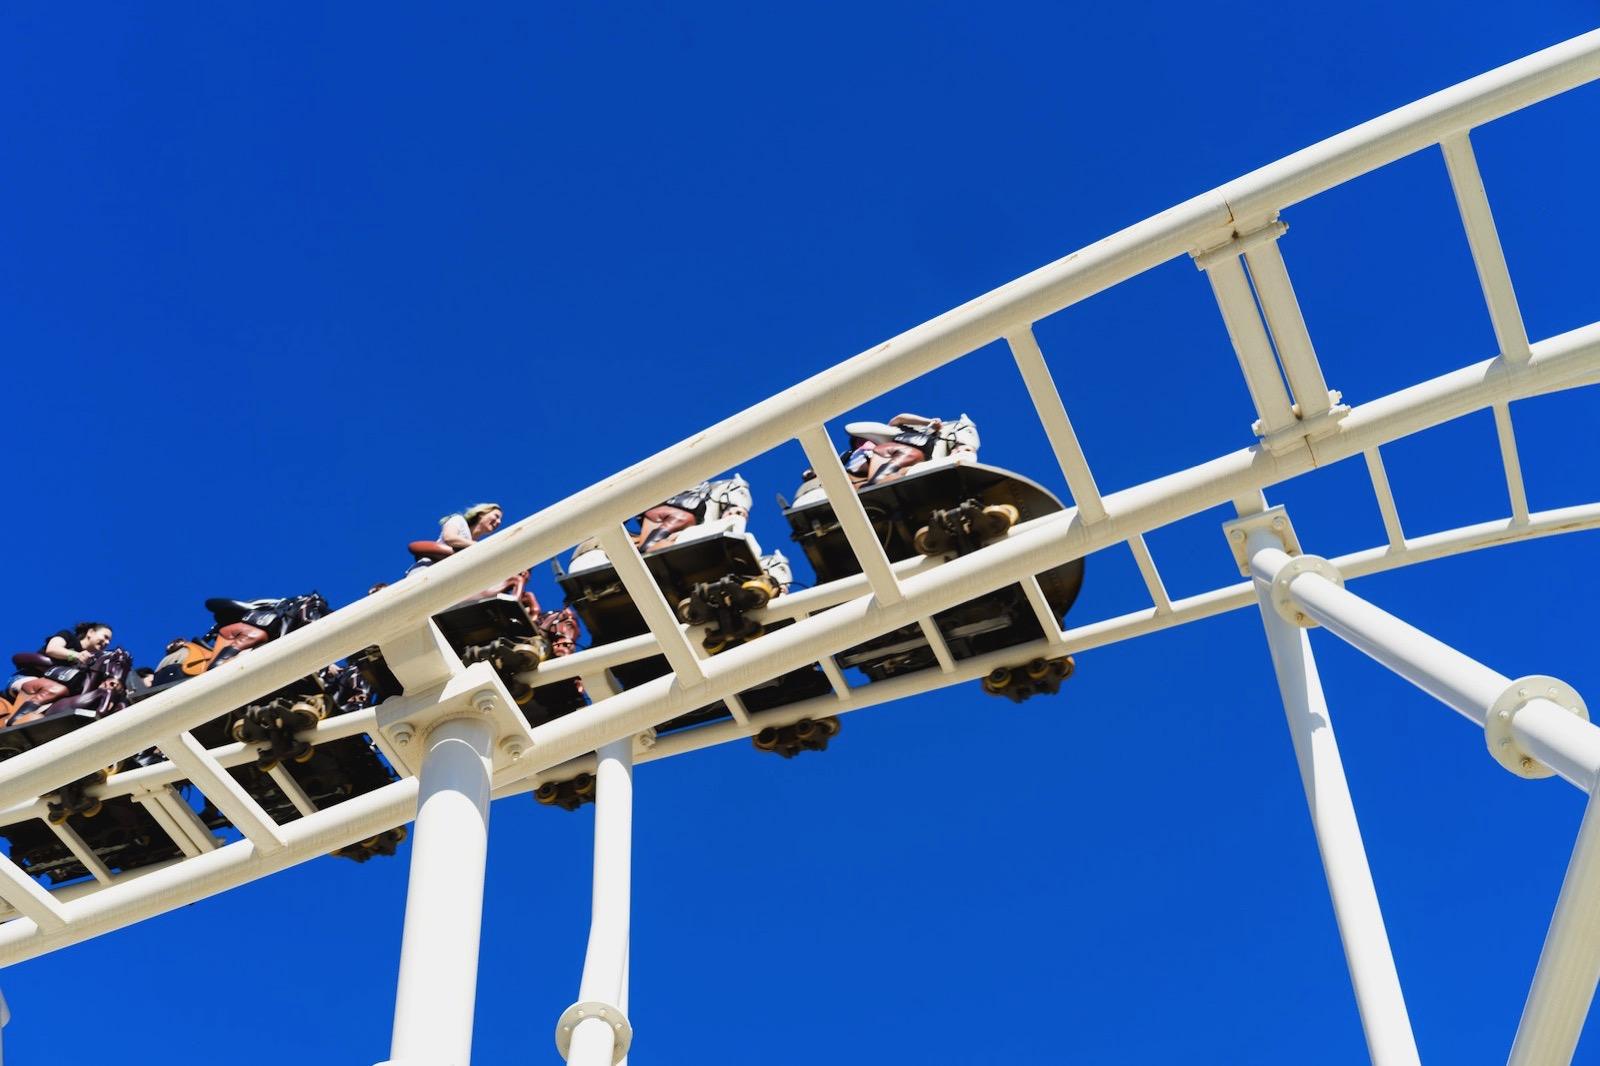 Dan gold 327082 unsplash roller coaster and blue sky